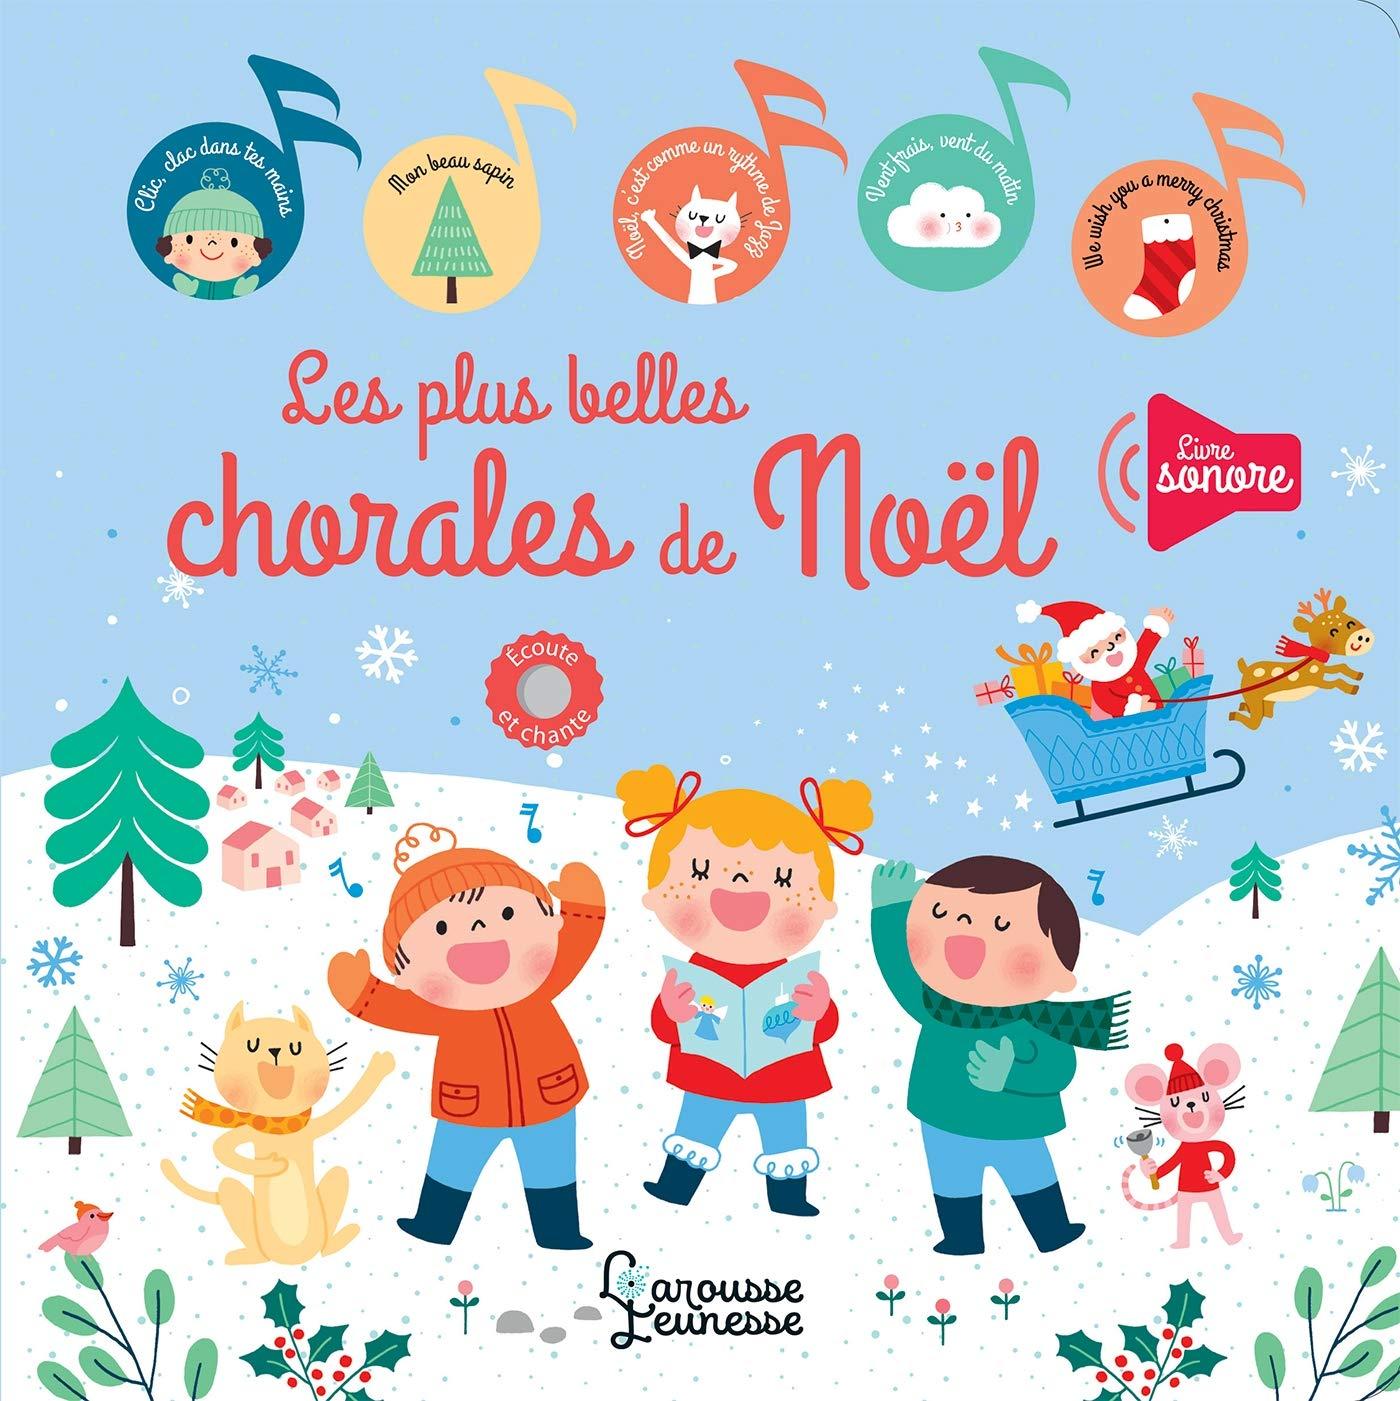 Chorale De Noel Mes plus belles chorales de Noël (Livres sonores) (French Edition